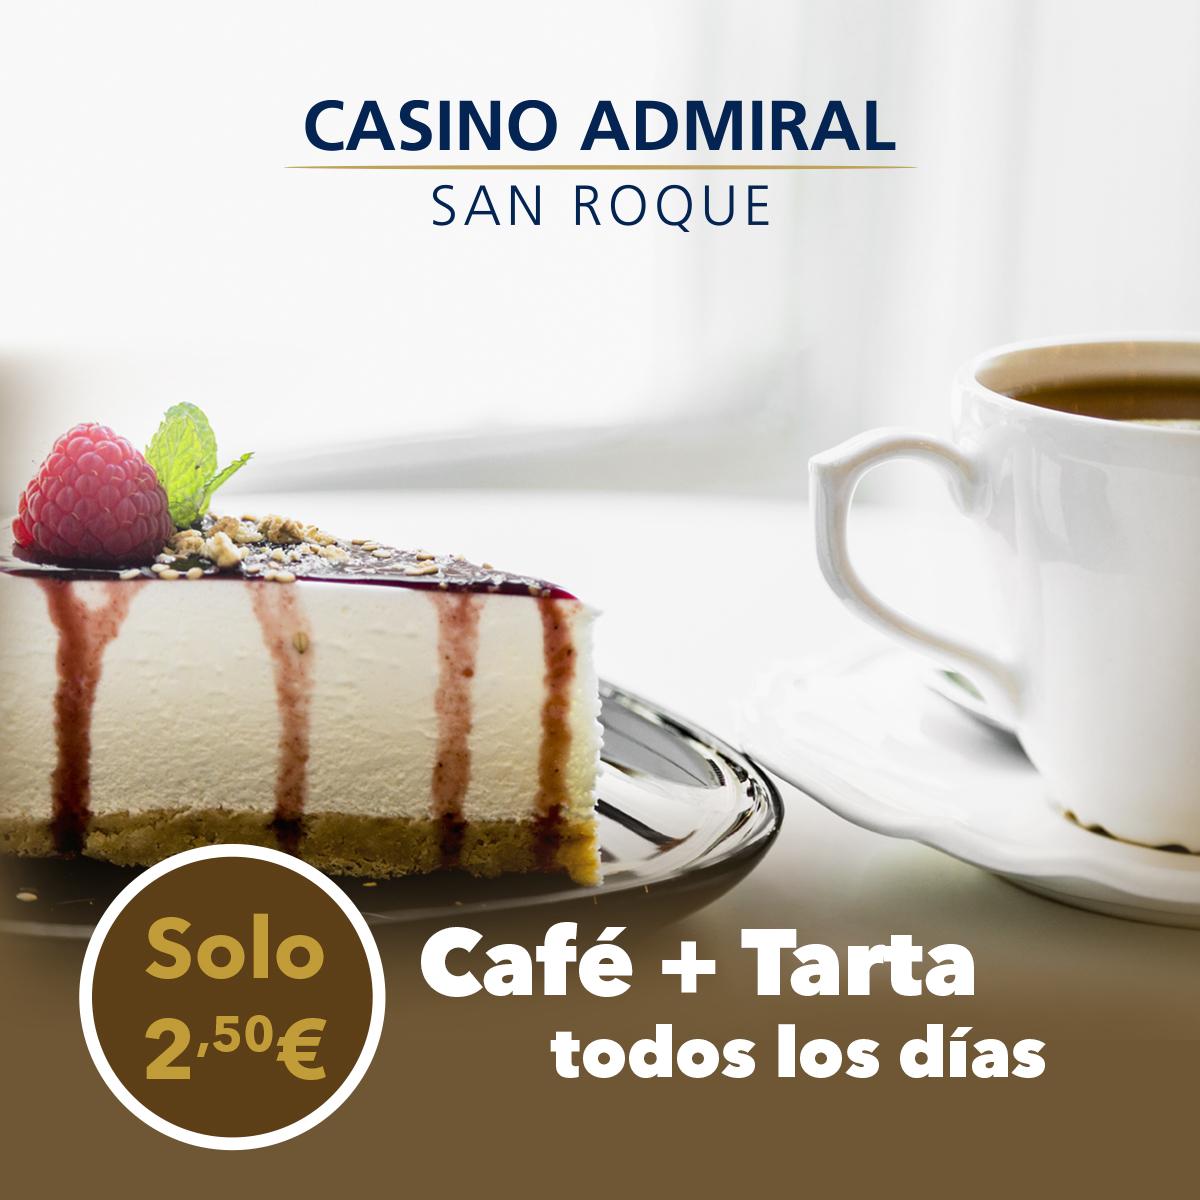 CA_SanRoque_Cafe+Tarta